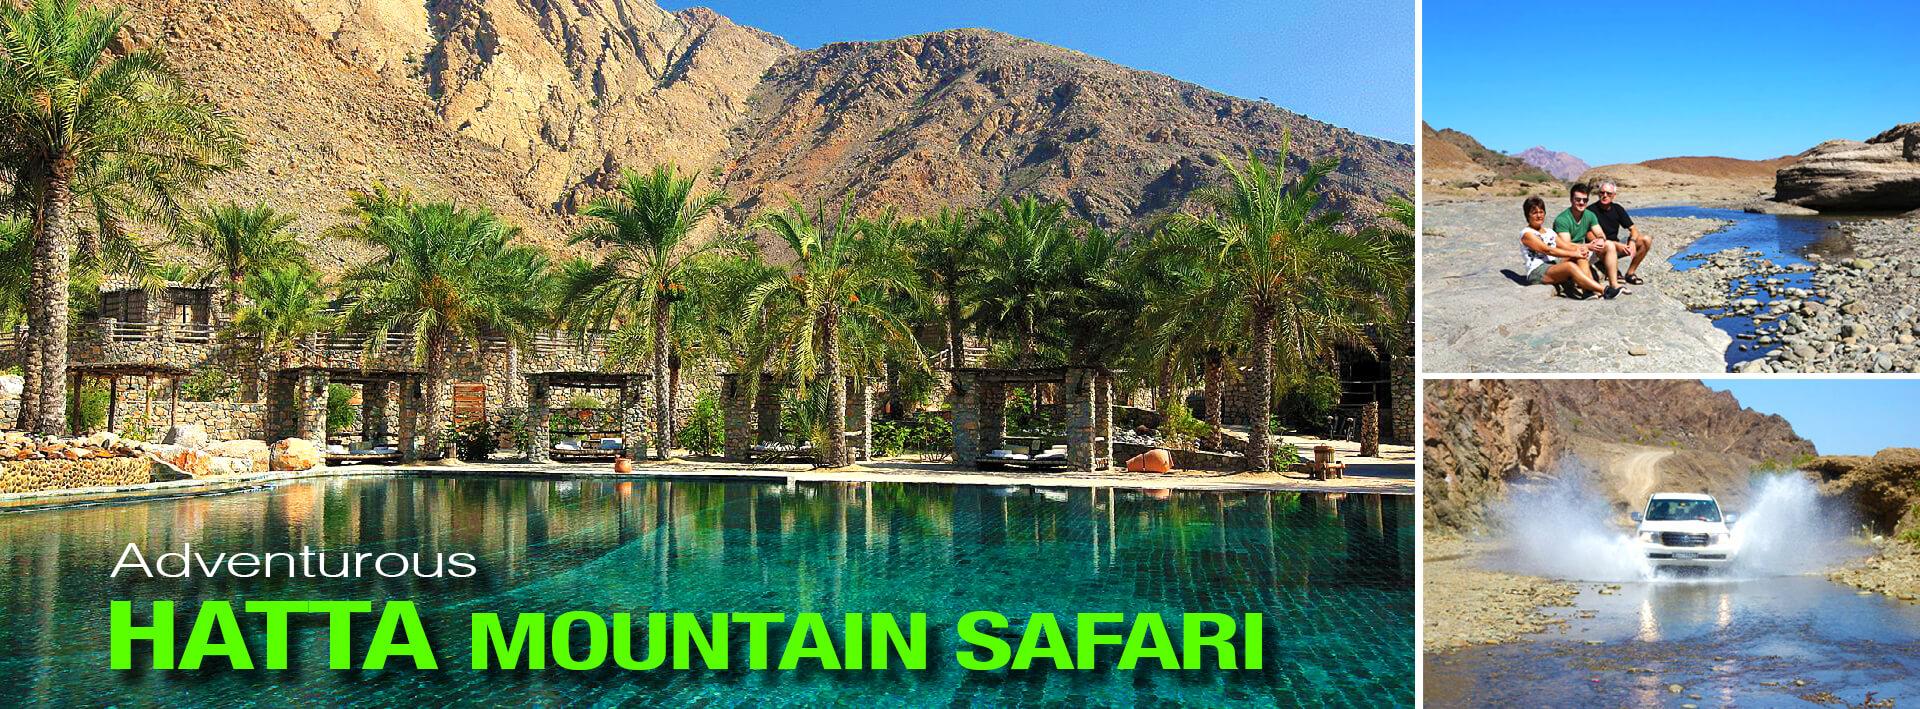 Hatta Mountain Safari Tour – Hatta Heritage Village